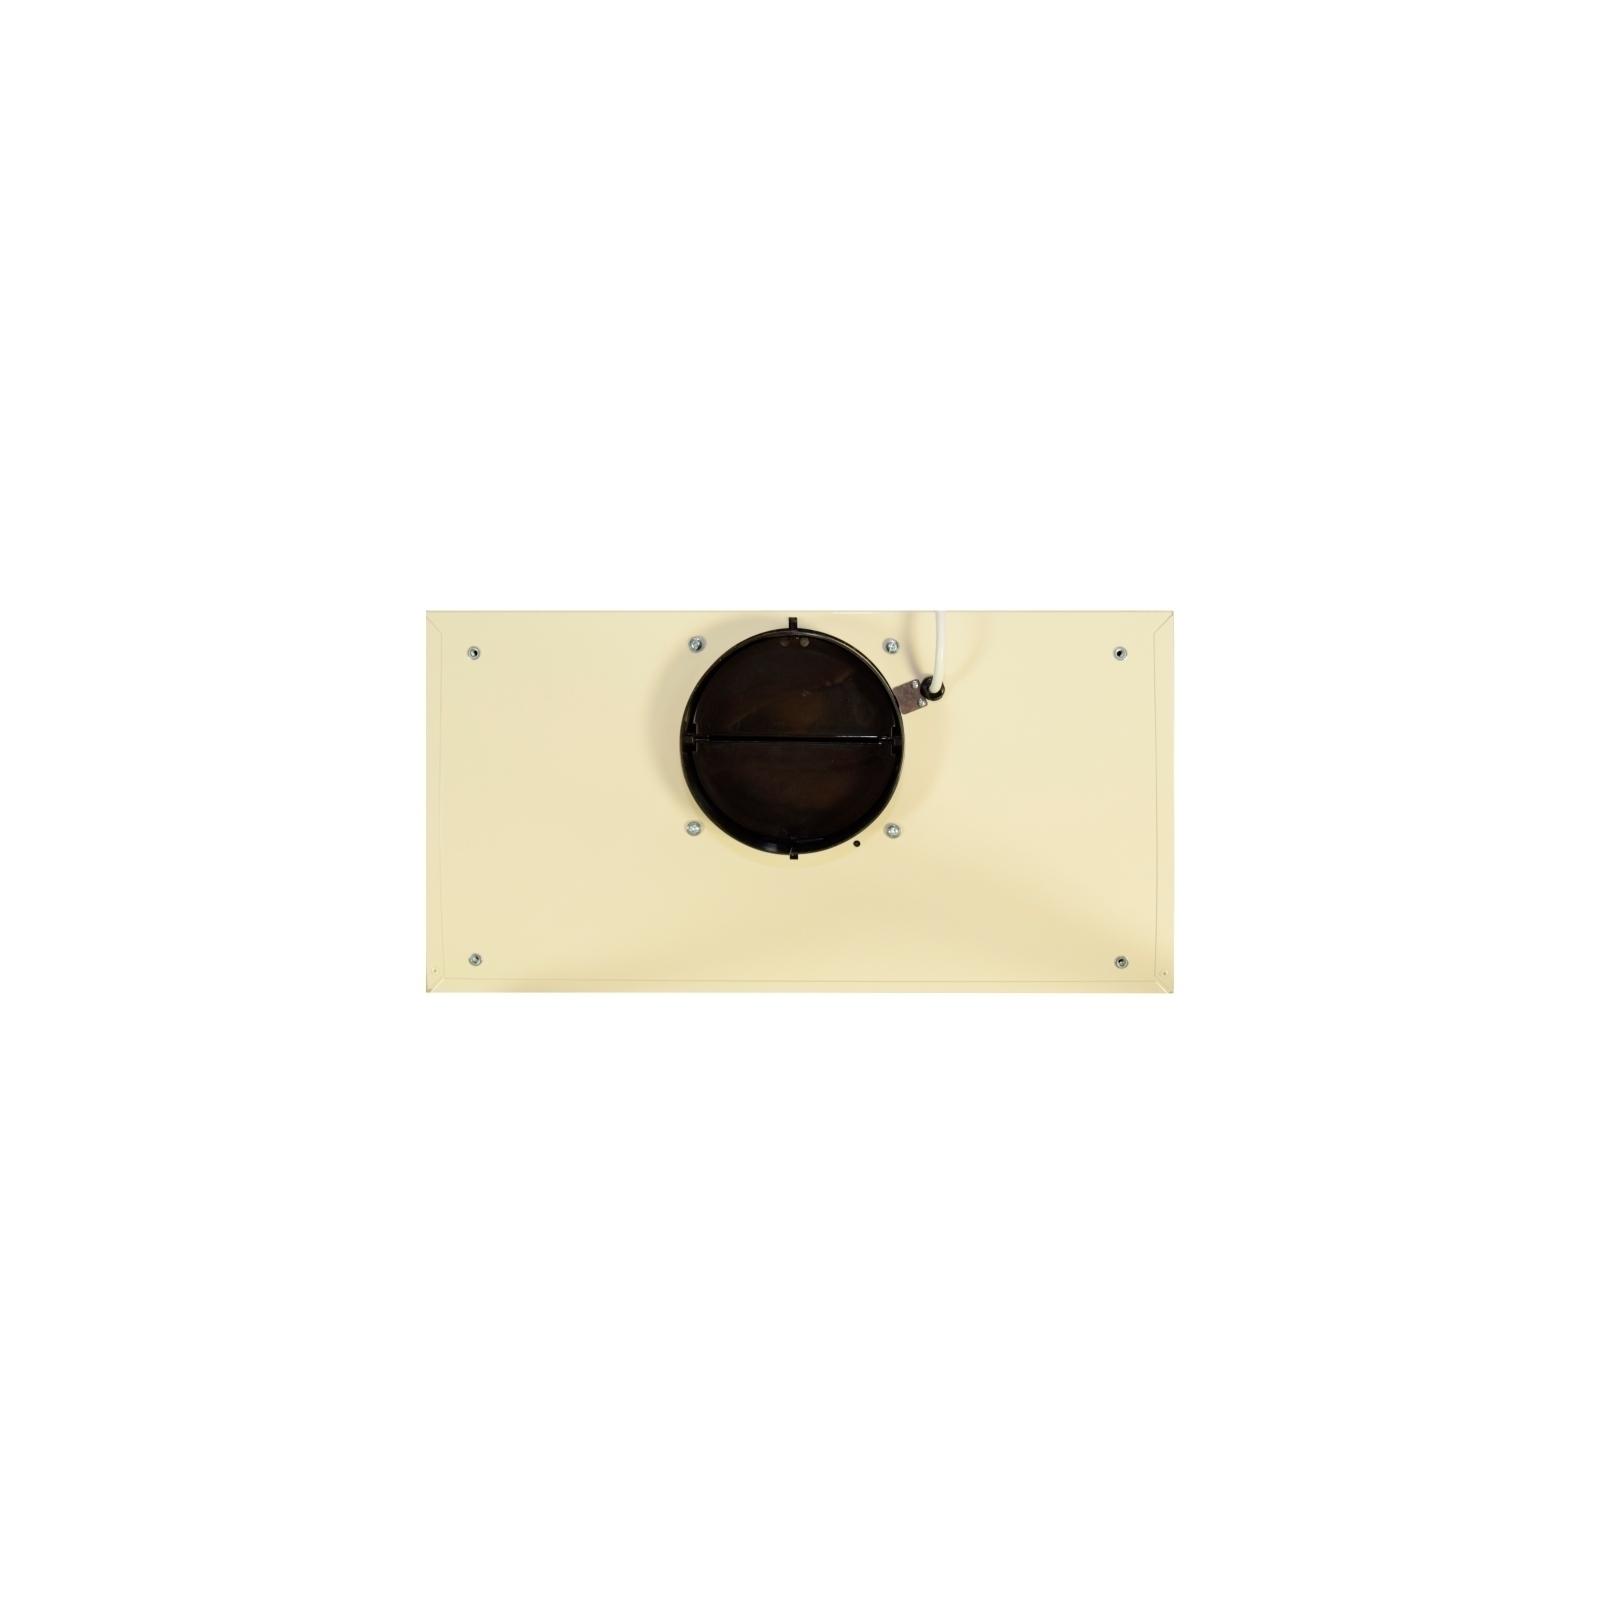 Вытяжка кухонная ELEYUS Storm 1200 LED 60 BG изображение 6